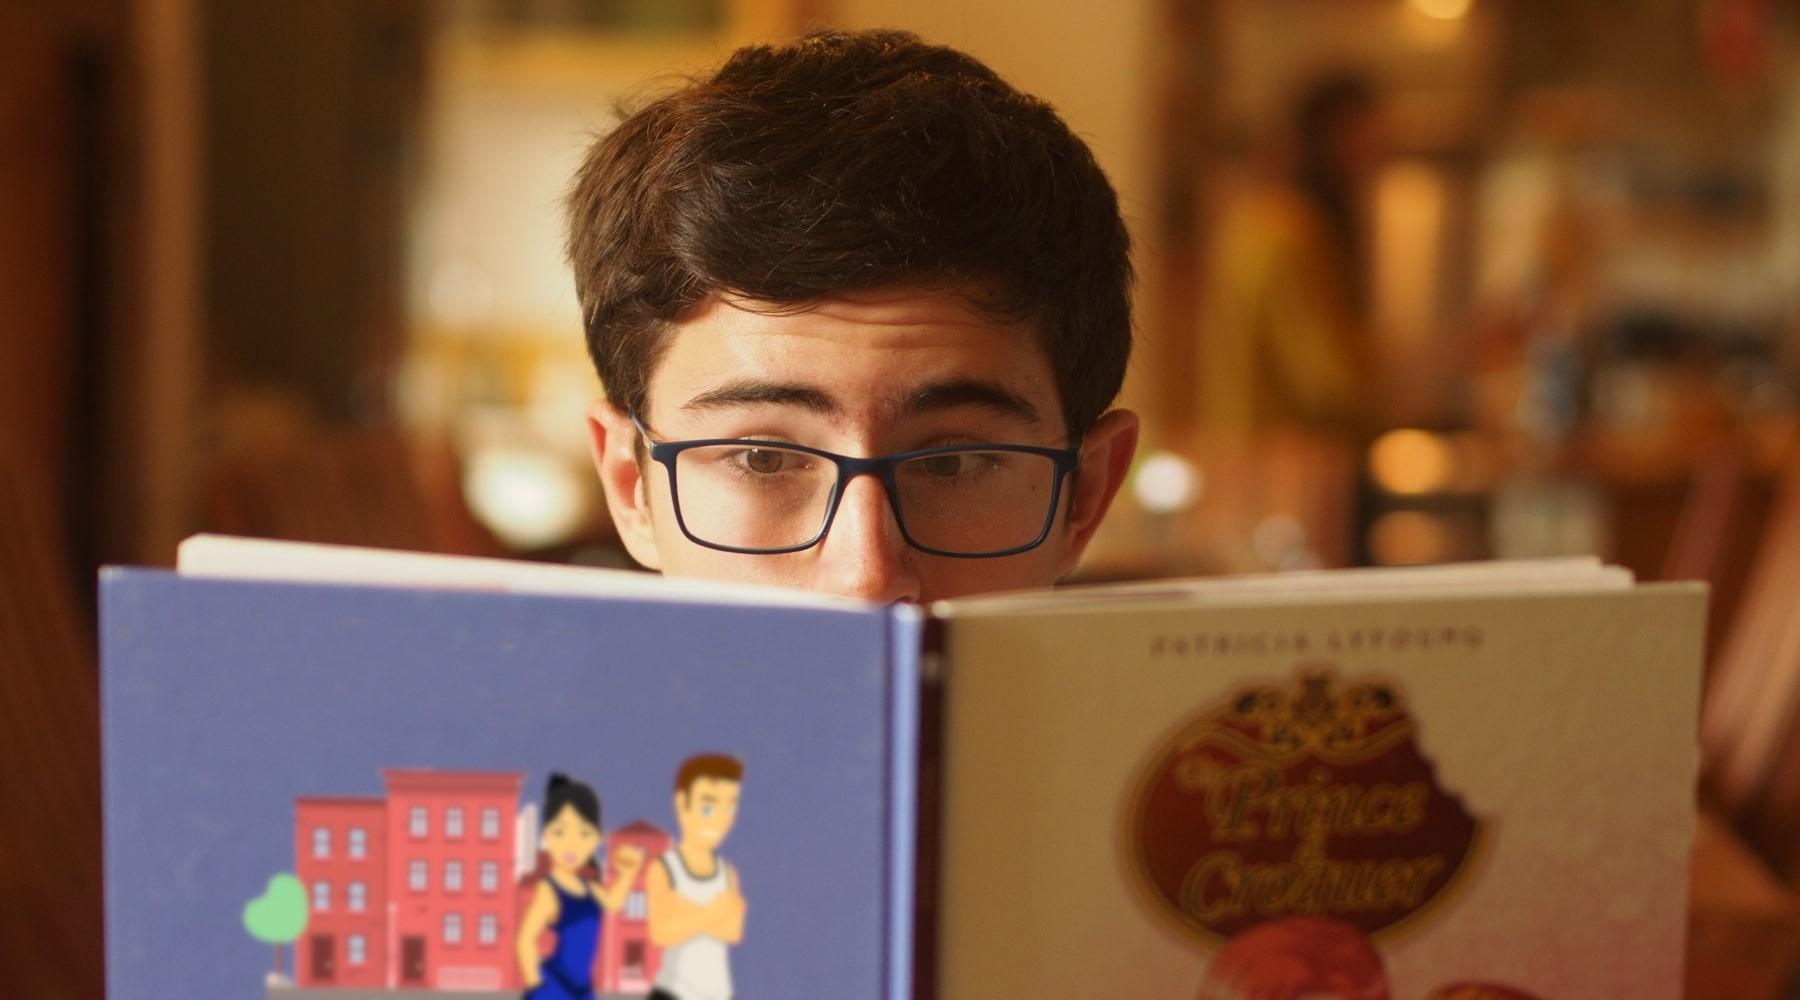 Livre à personnaliser, atelier d'écriture en ligne pour enfant et adolescent, Scéal studio